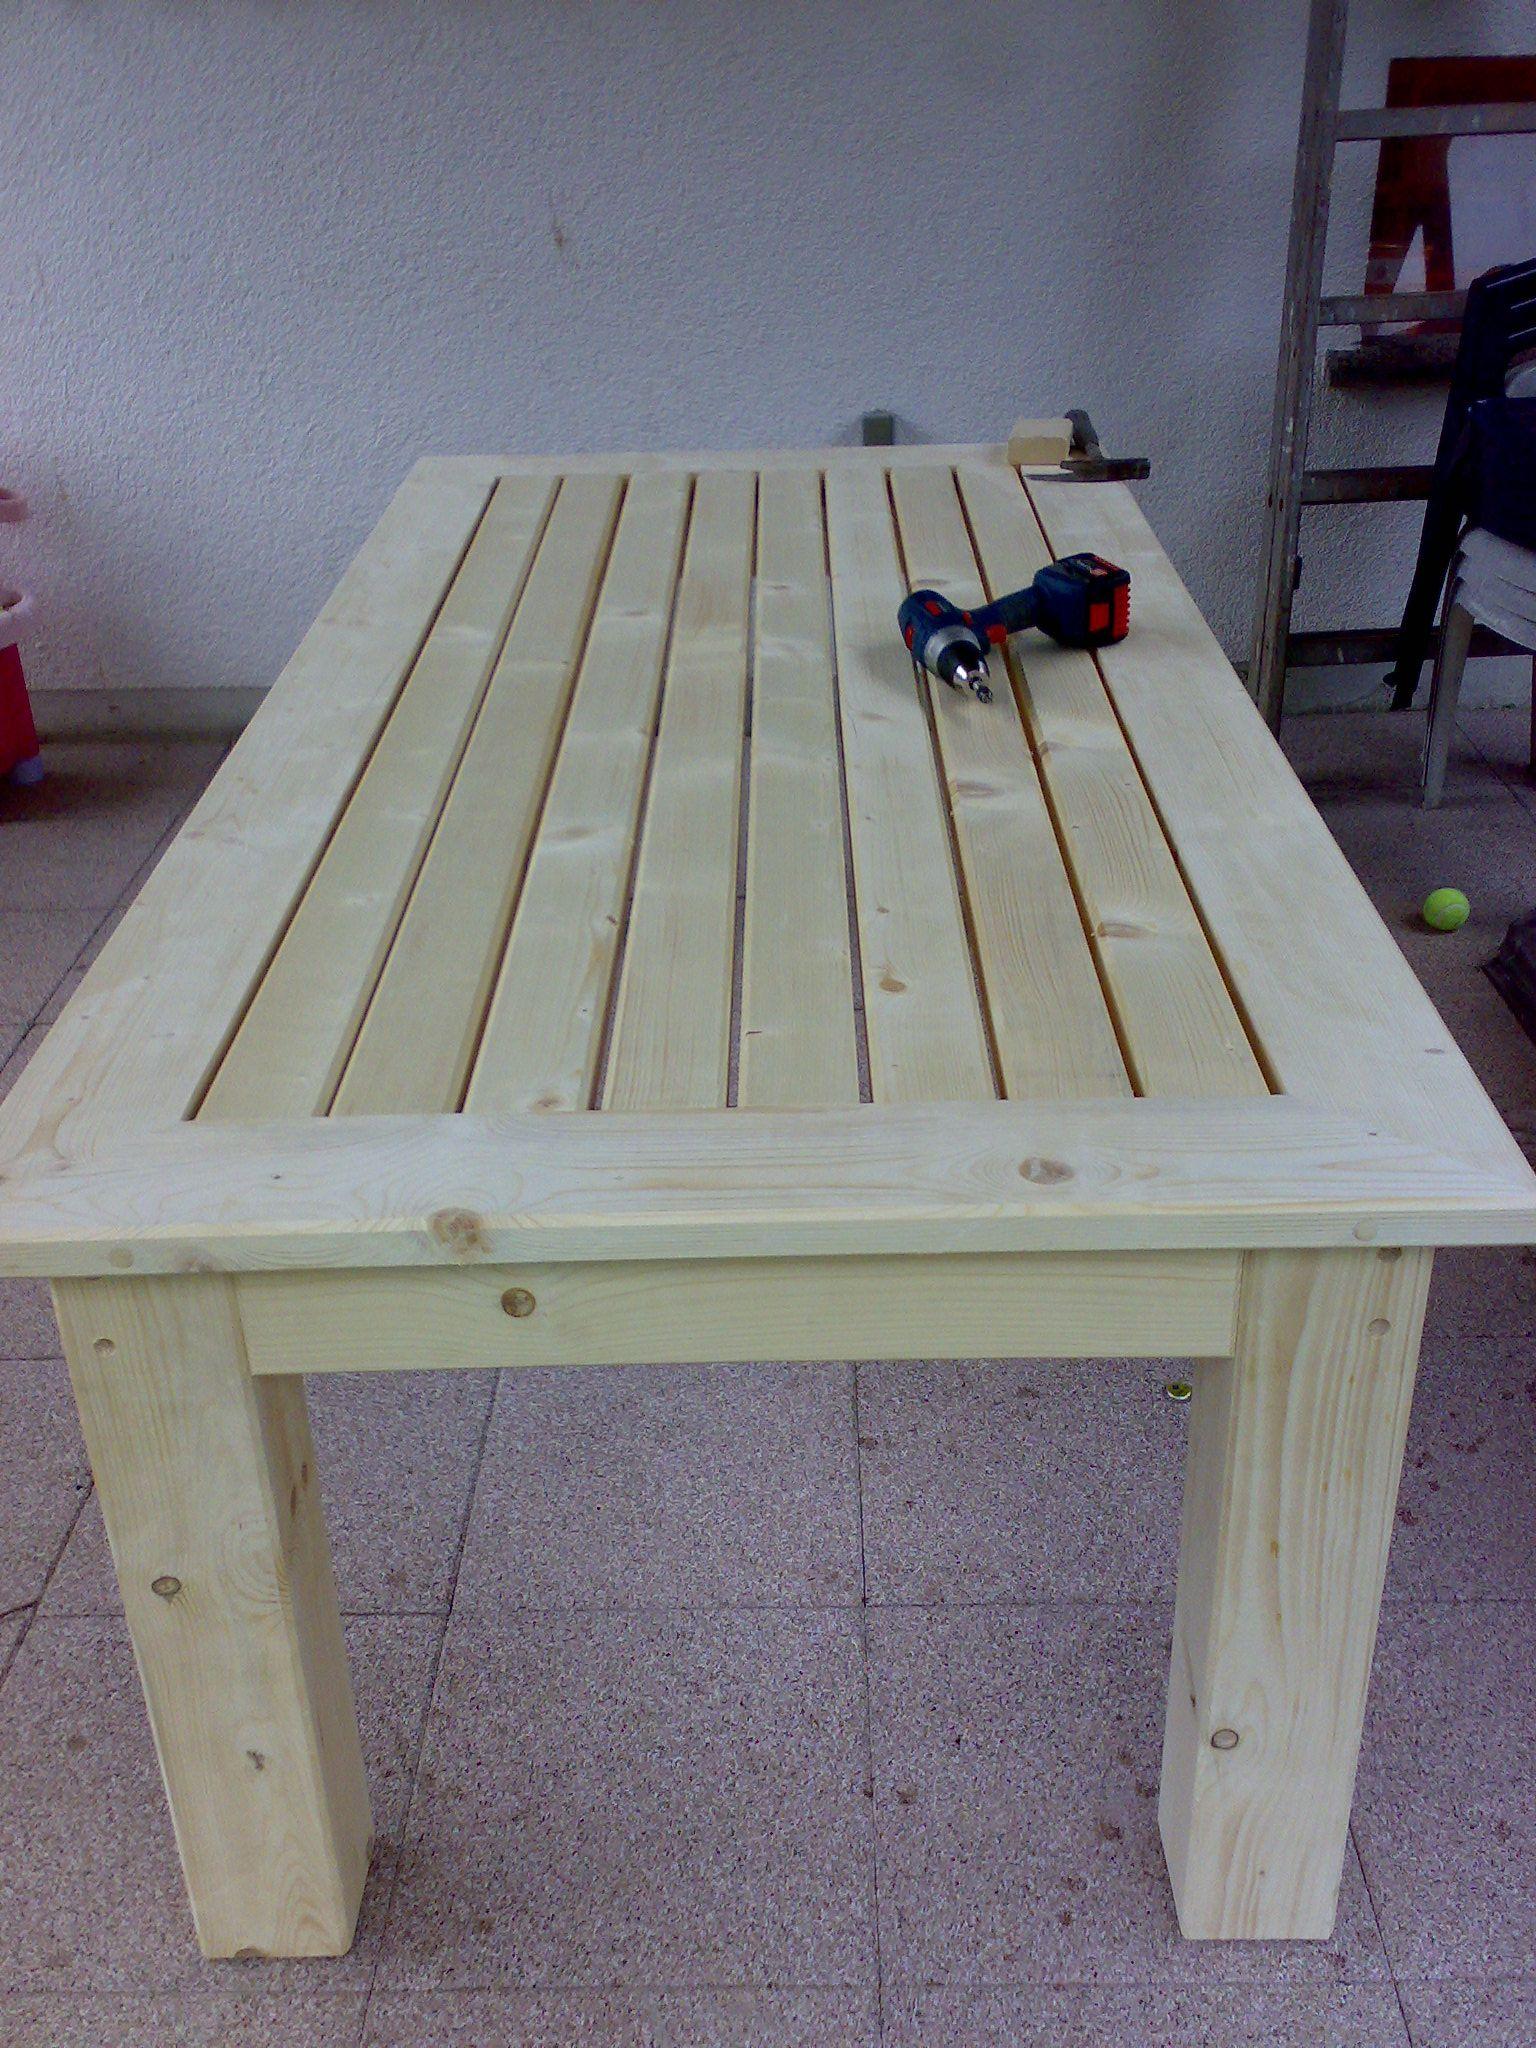 Terassentisch Aus Massiver Fichte Holztisch Selber Bauen Selber Bauen Garten Gartentisch Selber Bauen